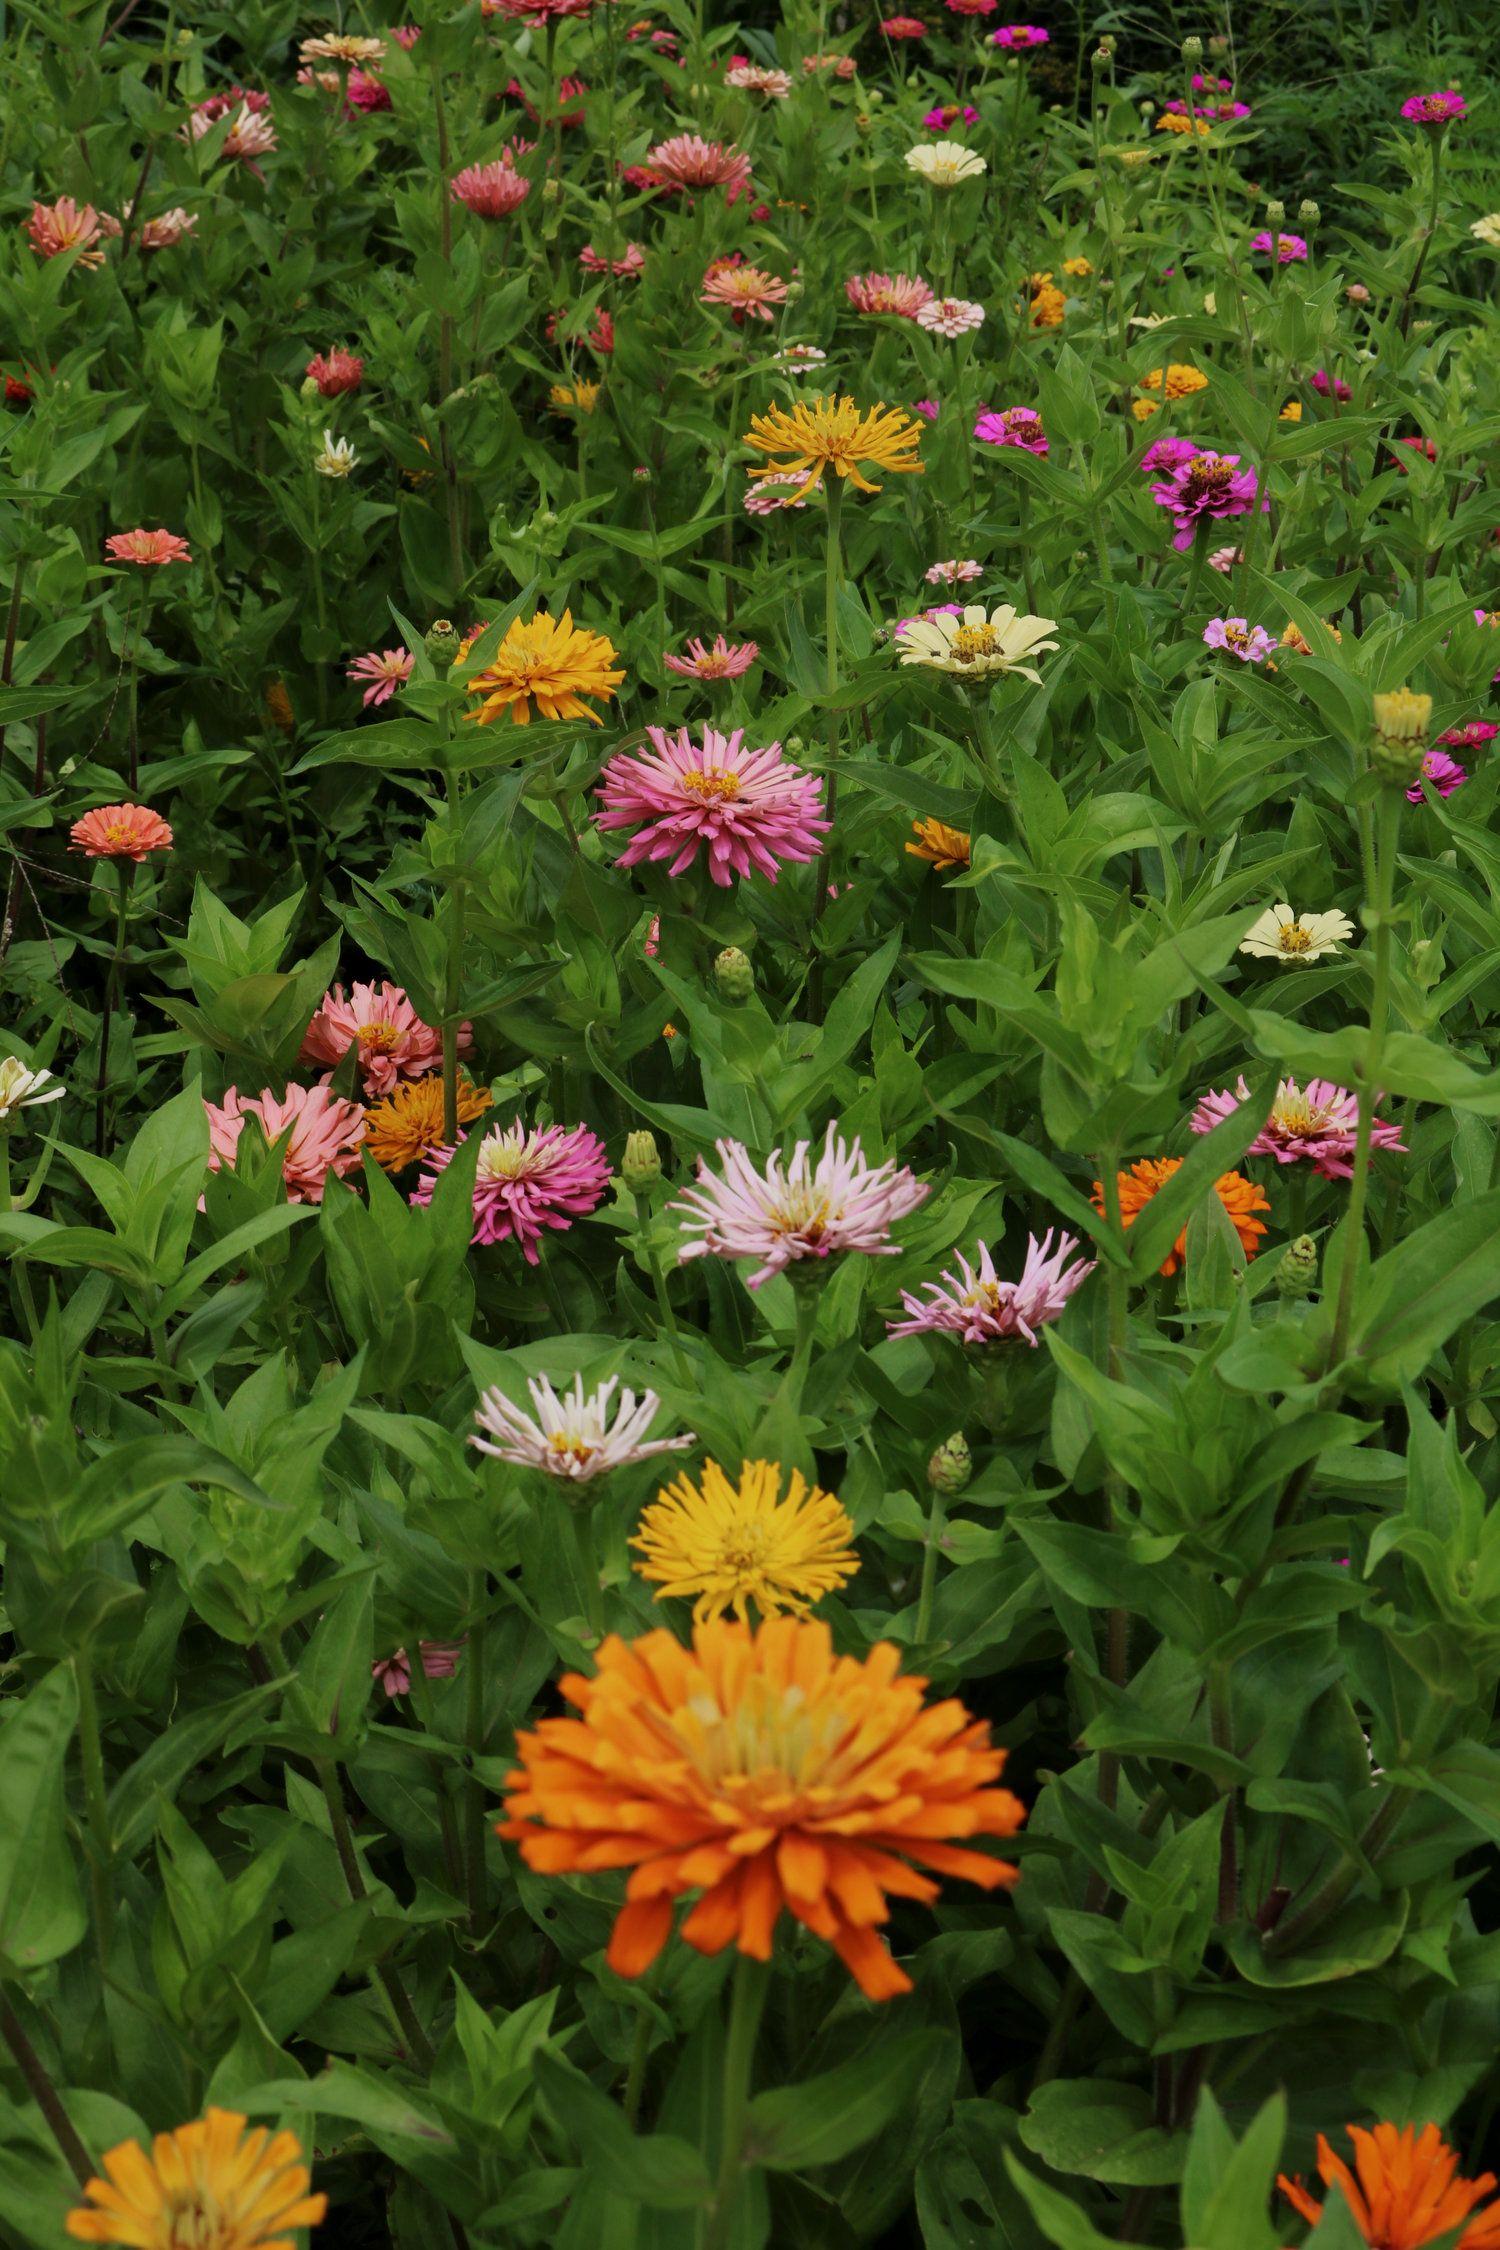 10 Tips For The Beginning Gardener